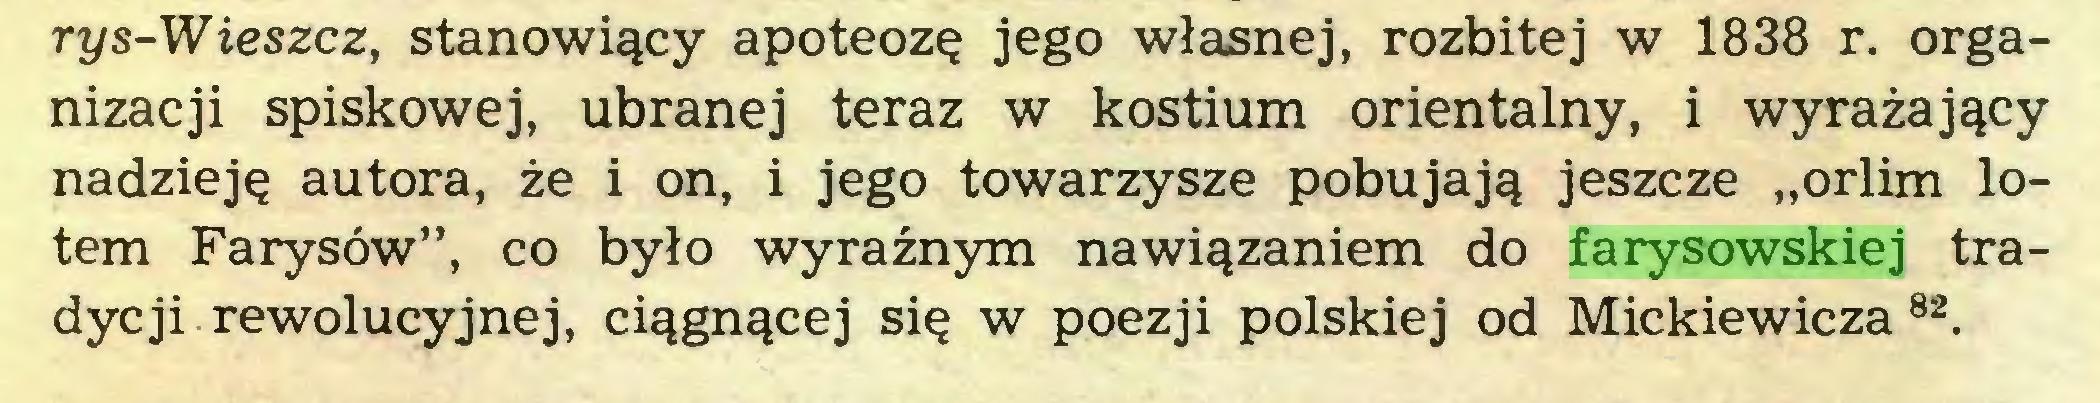 """(...) rys-Wieszcz, stanowiący apoteozę jego własnej, rozbitej w 1838 r. organizacji spiskowej, ubranej teraz w kostium orientalny, i wyrażający nadzieję autora, że i on, i jego towarzysze pobujają jeszcze """"orlim lotem Farysów"""", co było wyraźnym nawiązaniem do farysowskiej tradycji rewolucyjnej, ciągnącej się w poezji polskiej od Mickiewicza 82..."""